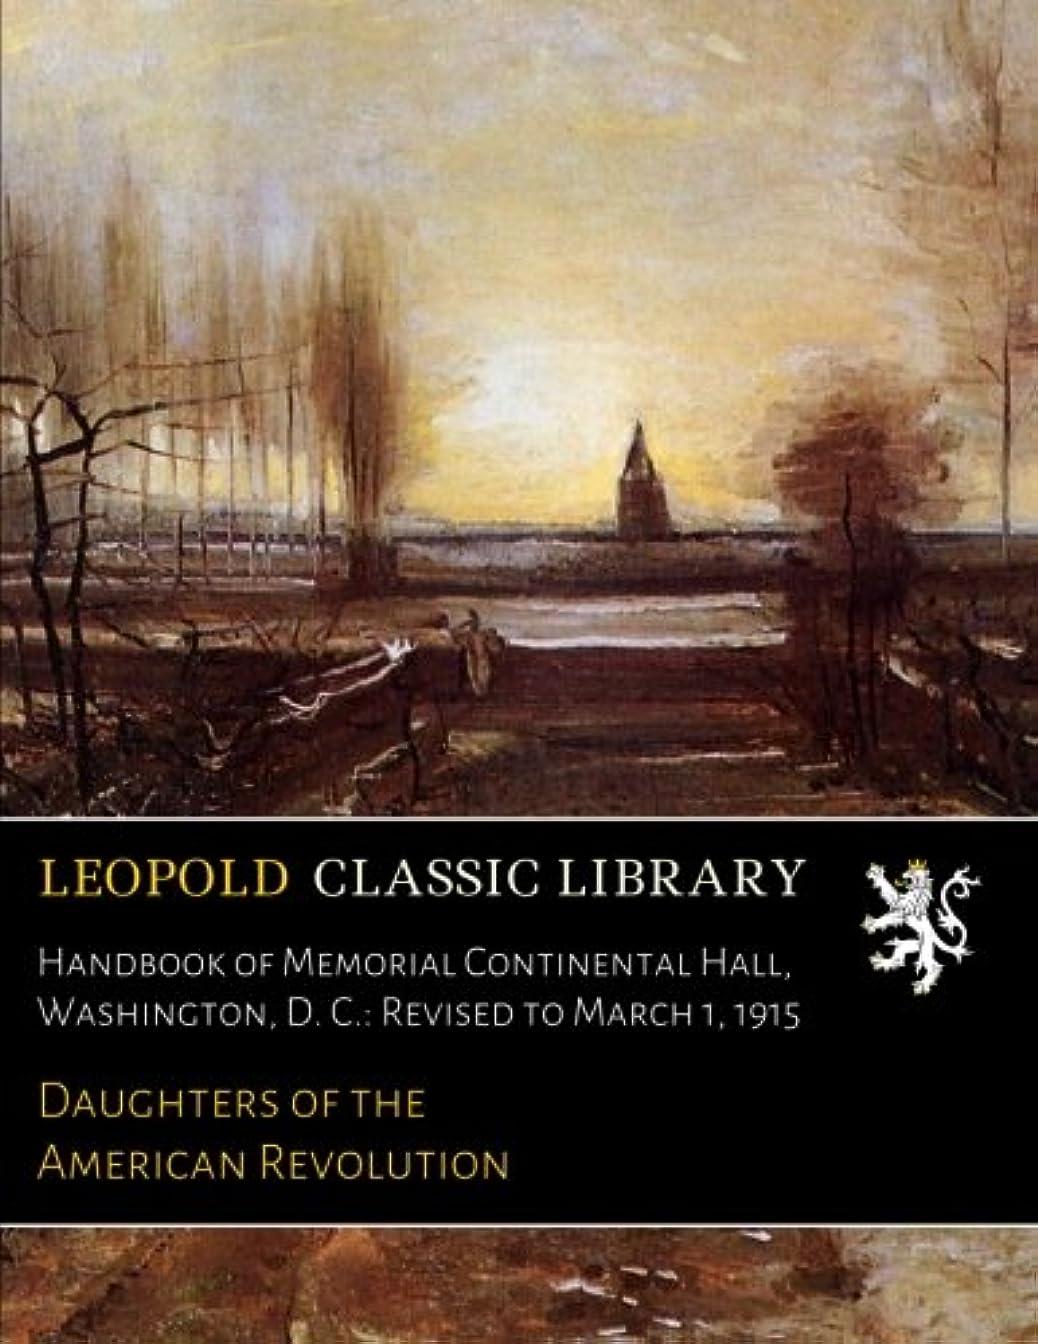 職人入札いじめっ子Handbook of Memorial Continental Hall, Washington, D. C.: Revised to March 1, 1915